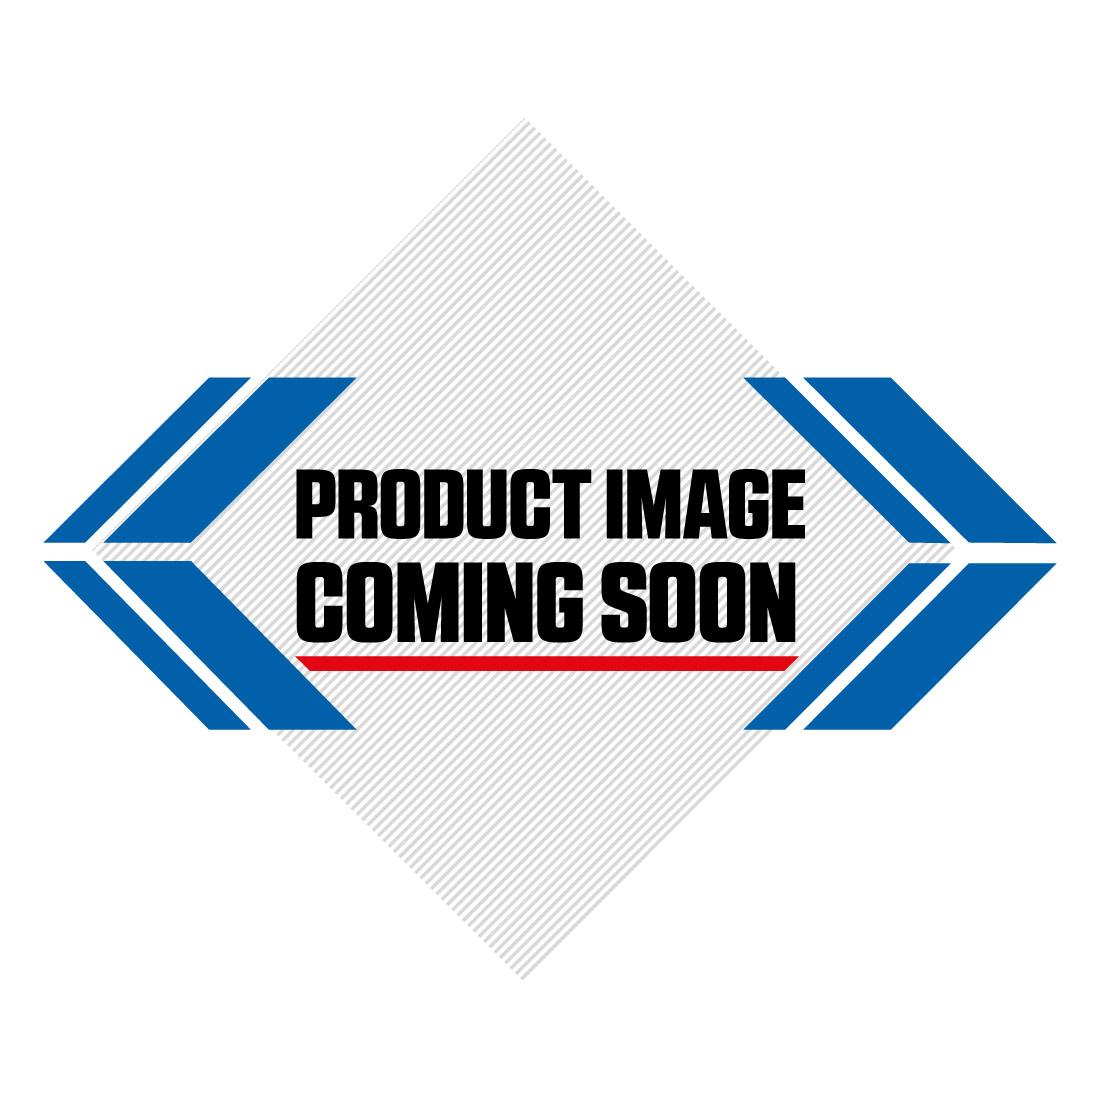 UFO Red White Blue Proton MX Kit Combo Image-0